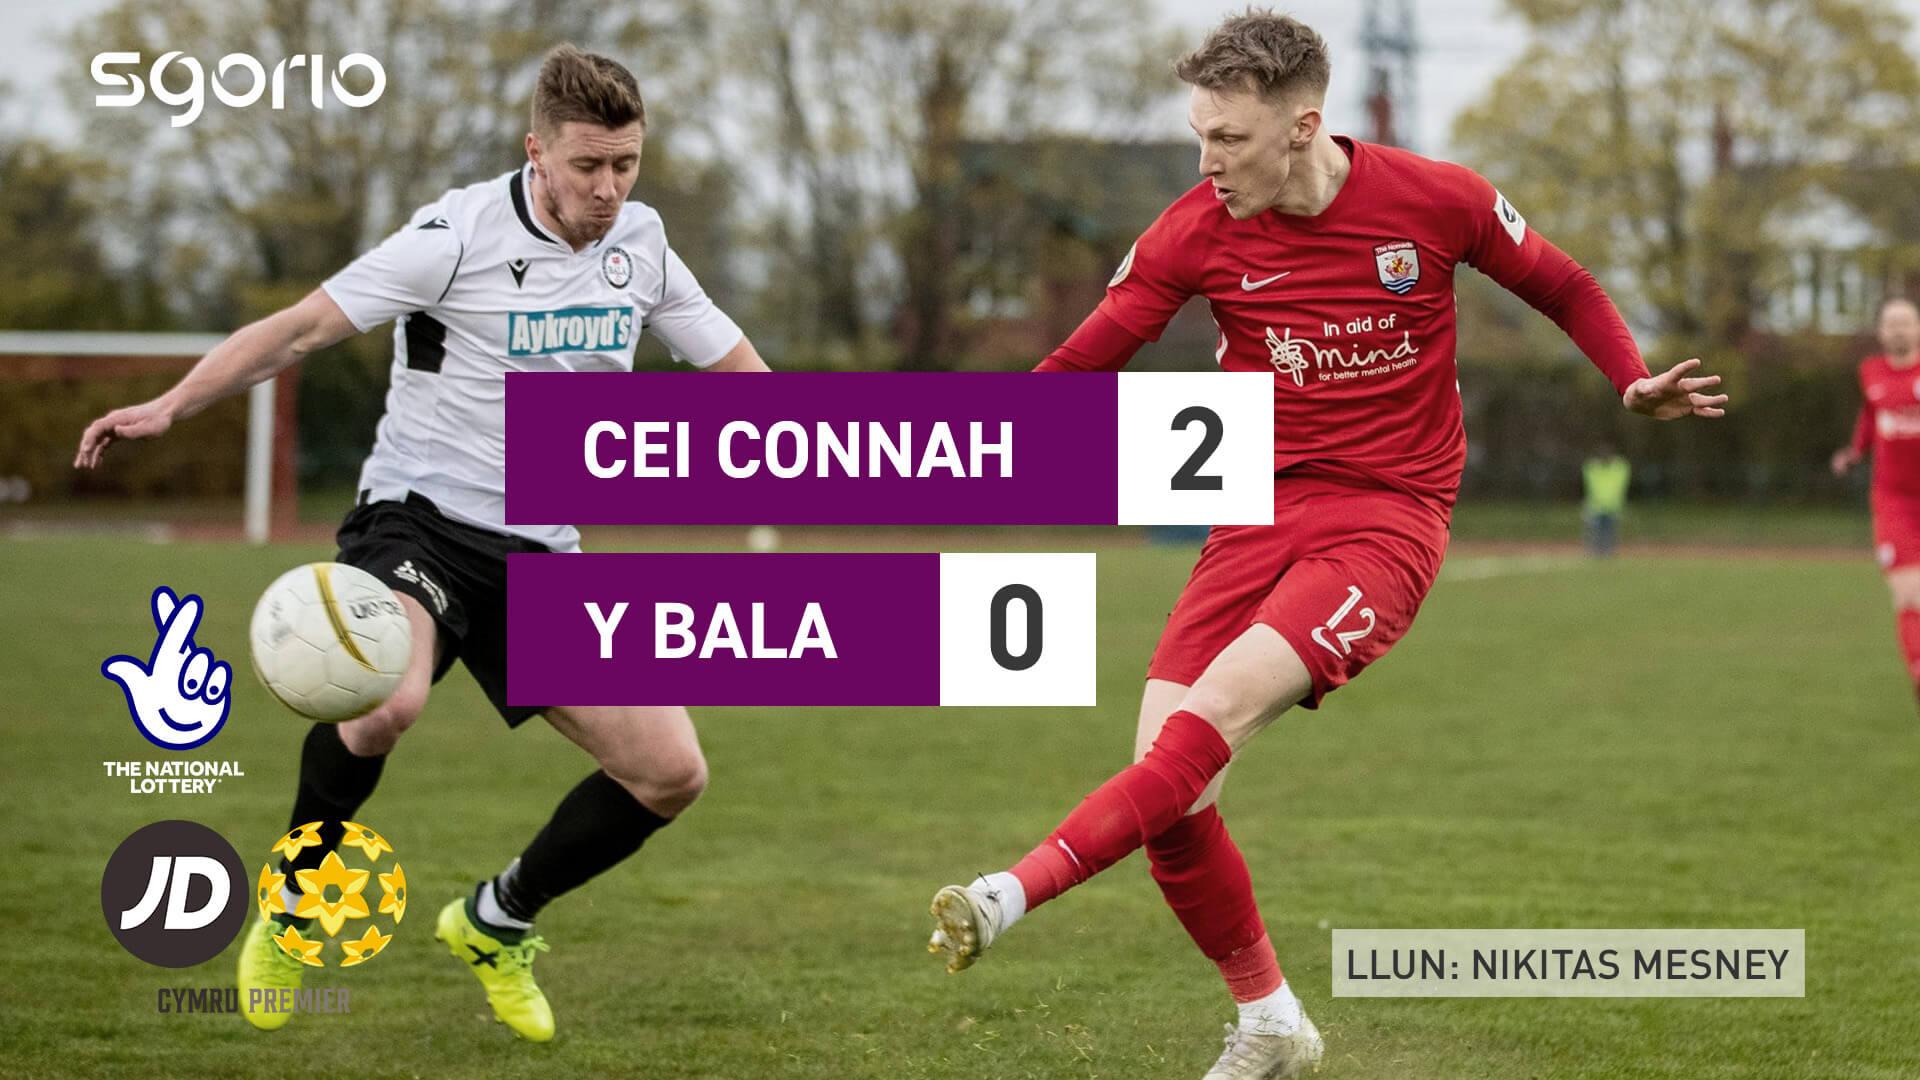 Cei Connah 2-0 Y Bala